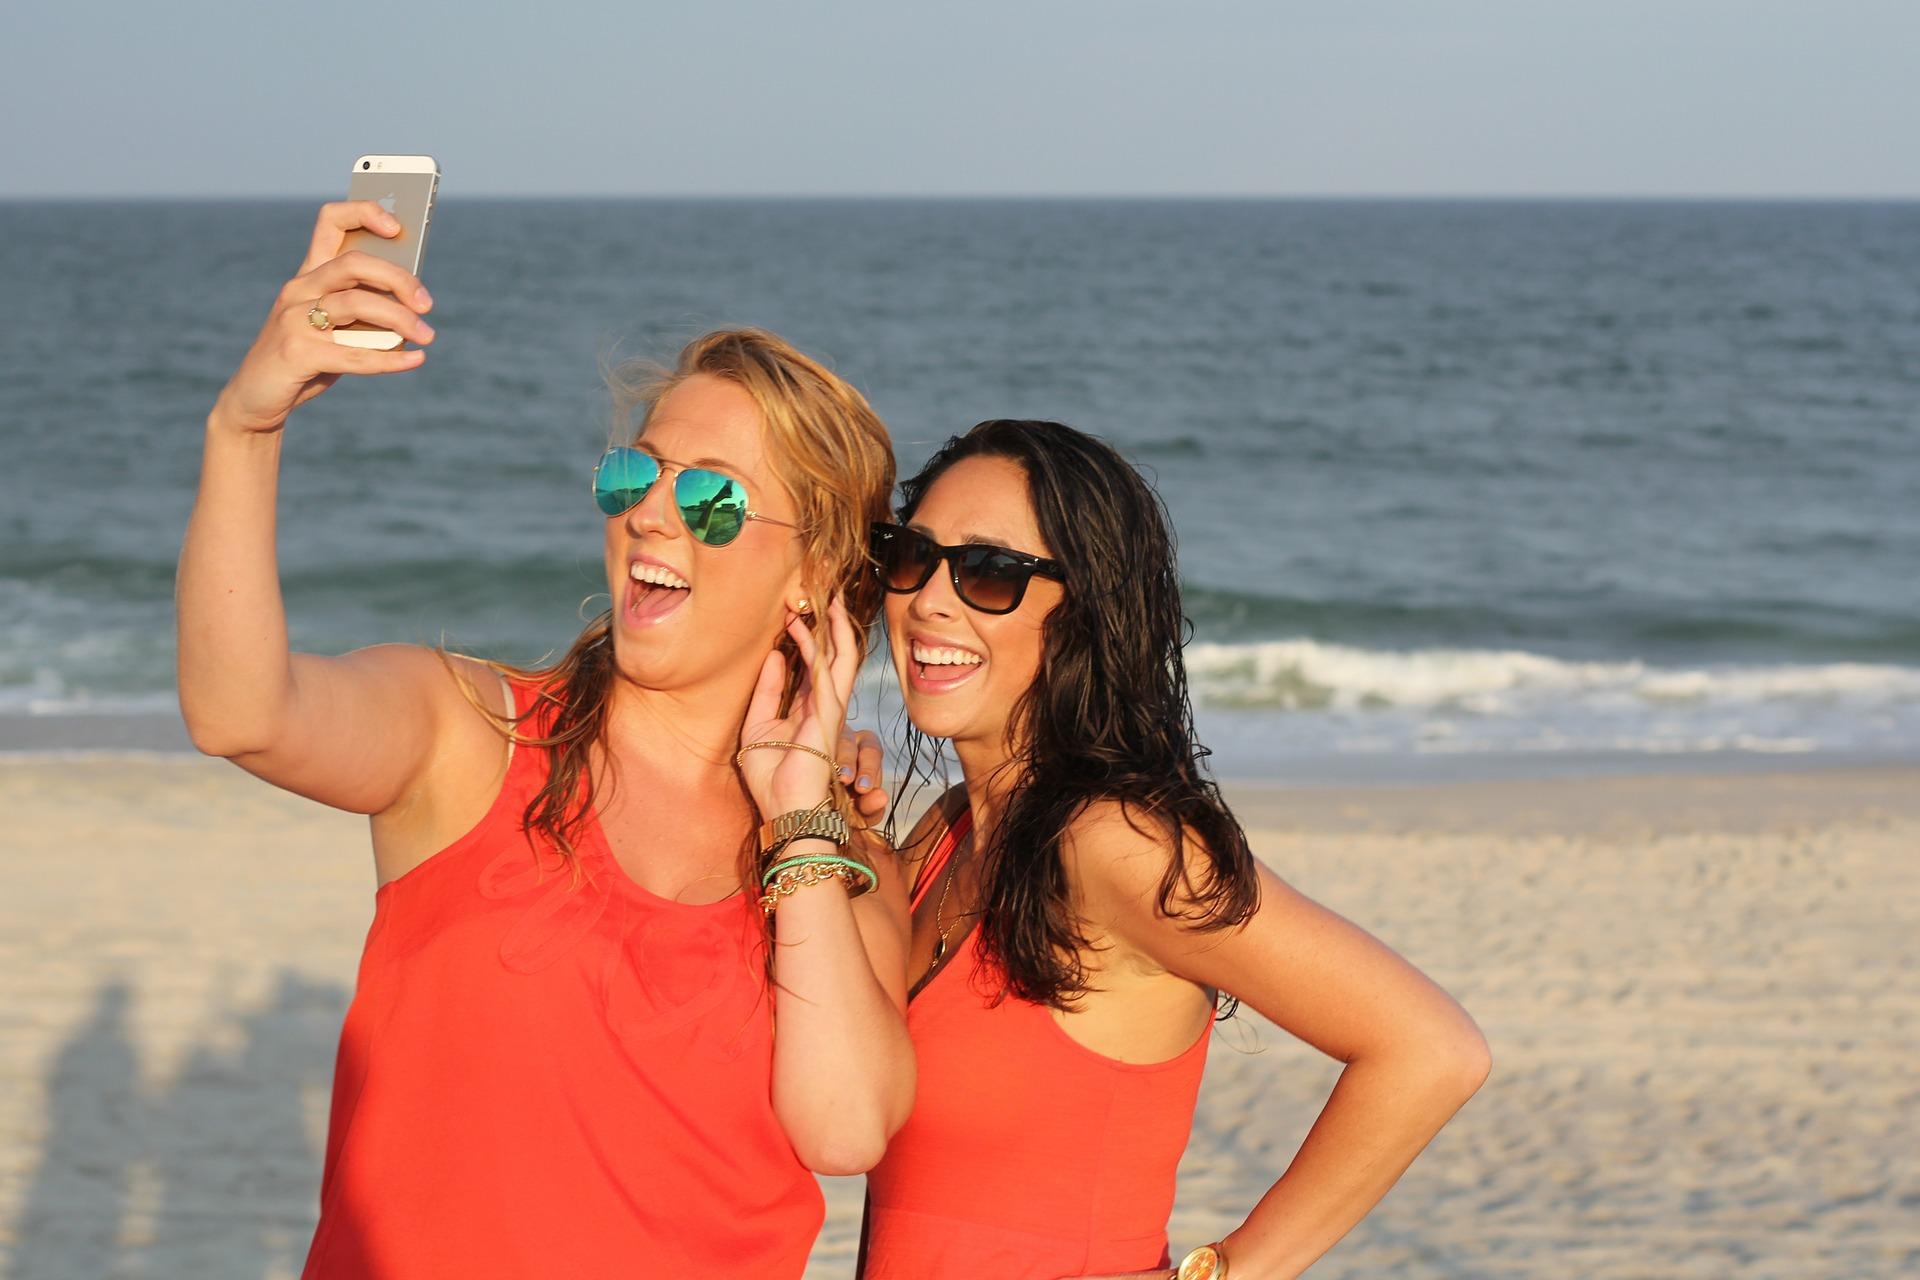 narsist gençliğin selfie çılgınlığı